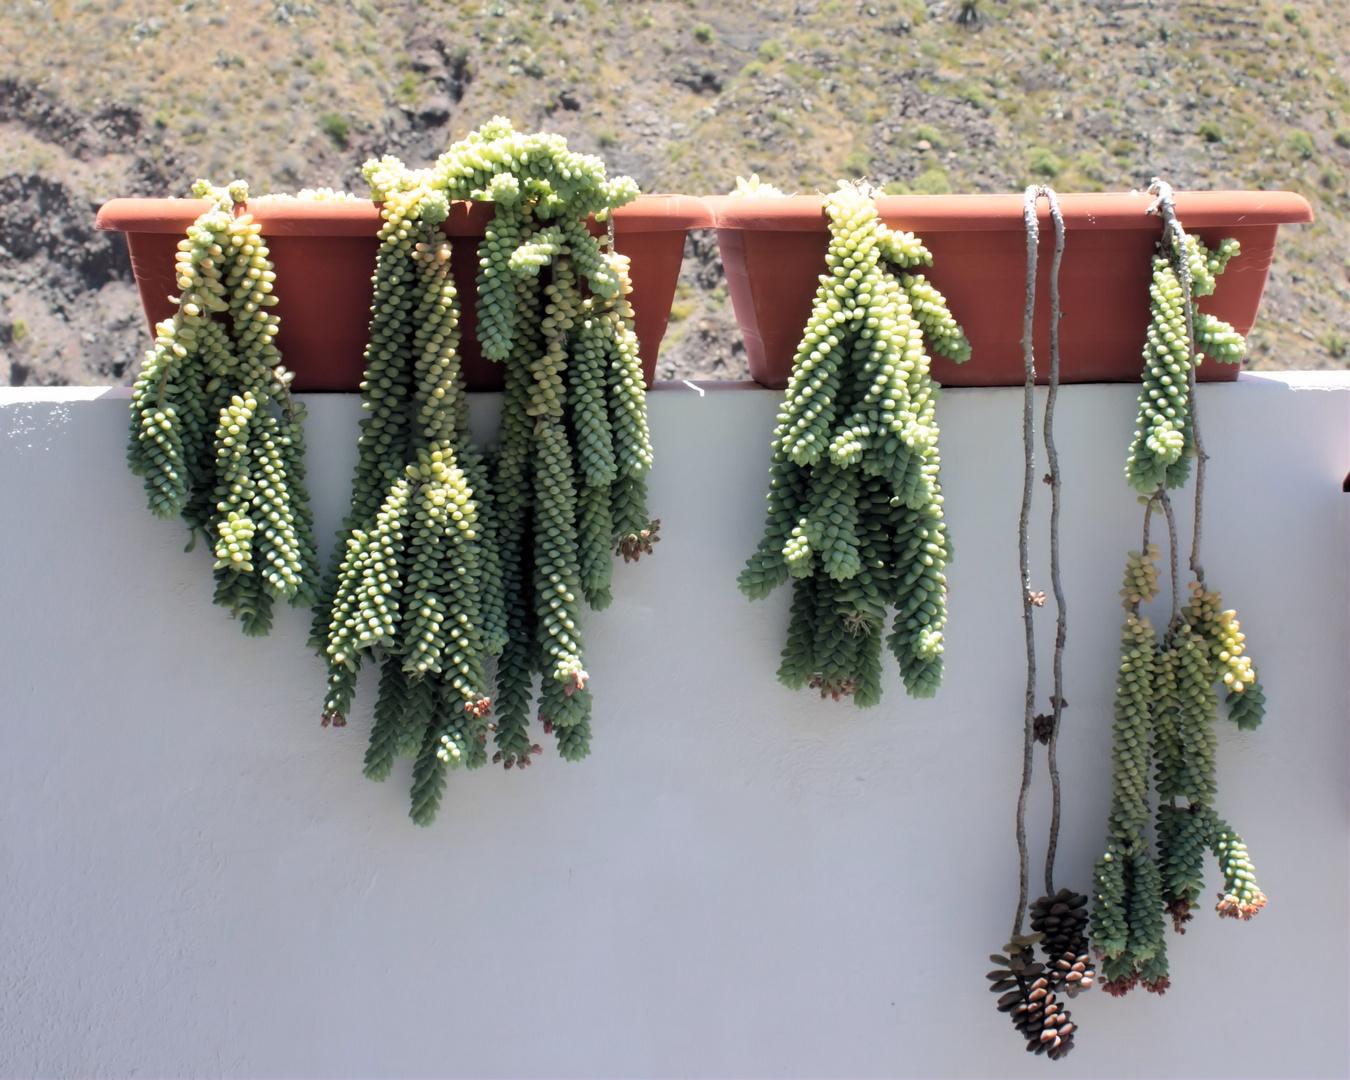 Balkonkastenbepflanzung